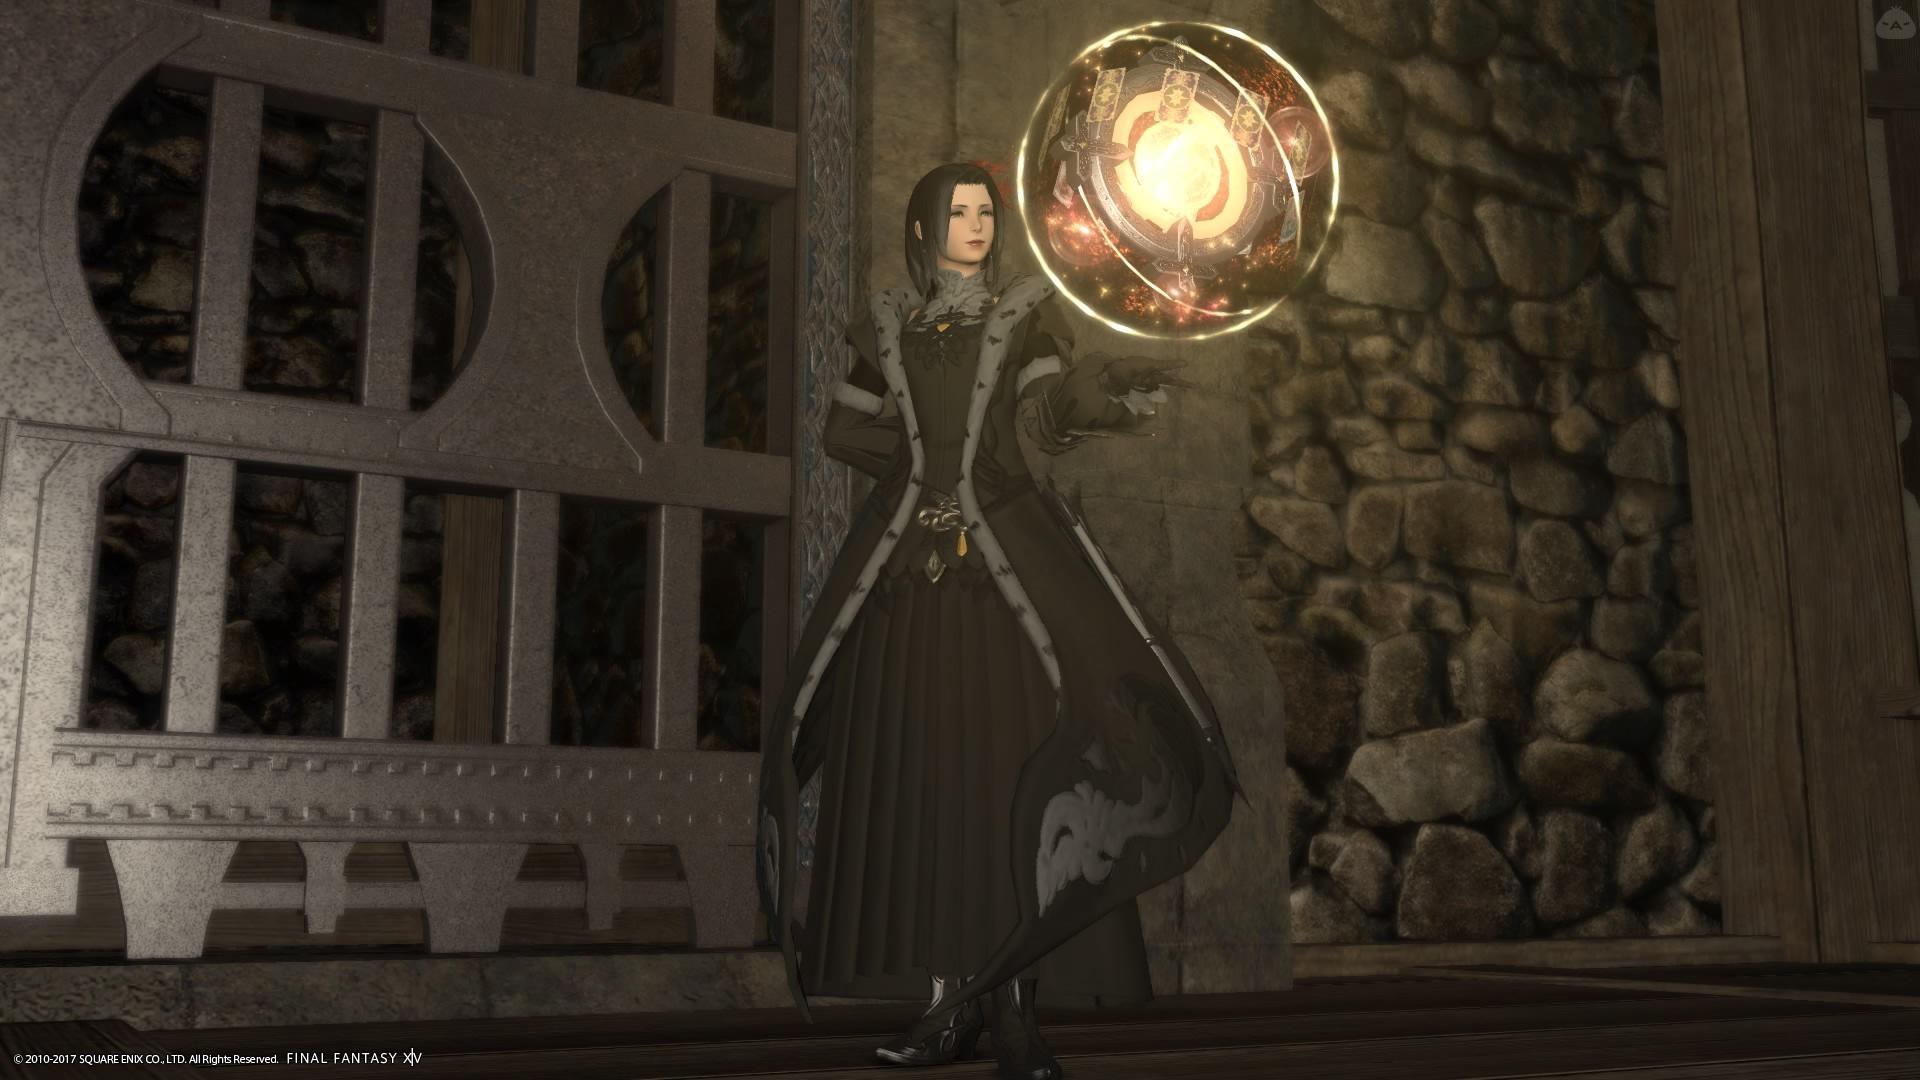 悪の女幹部な占星術師